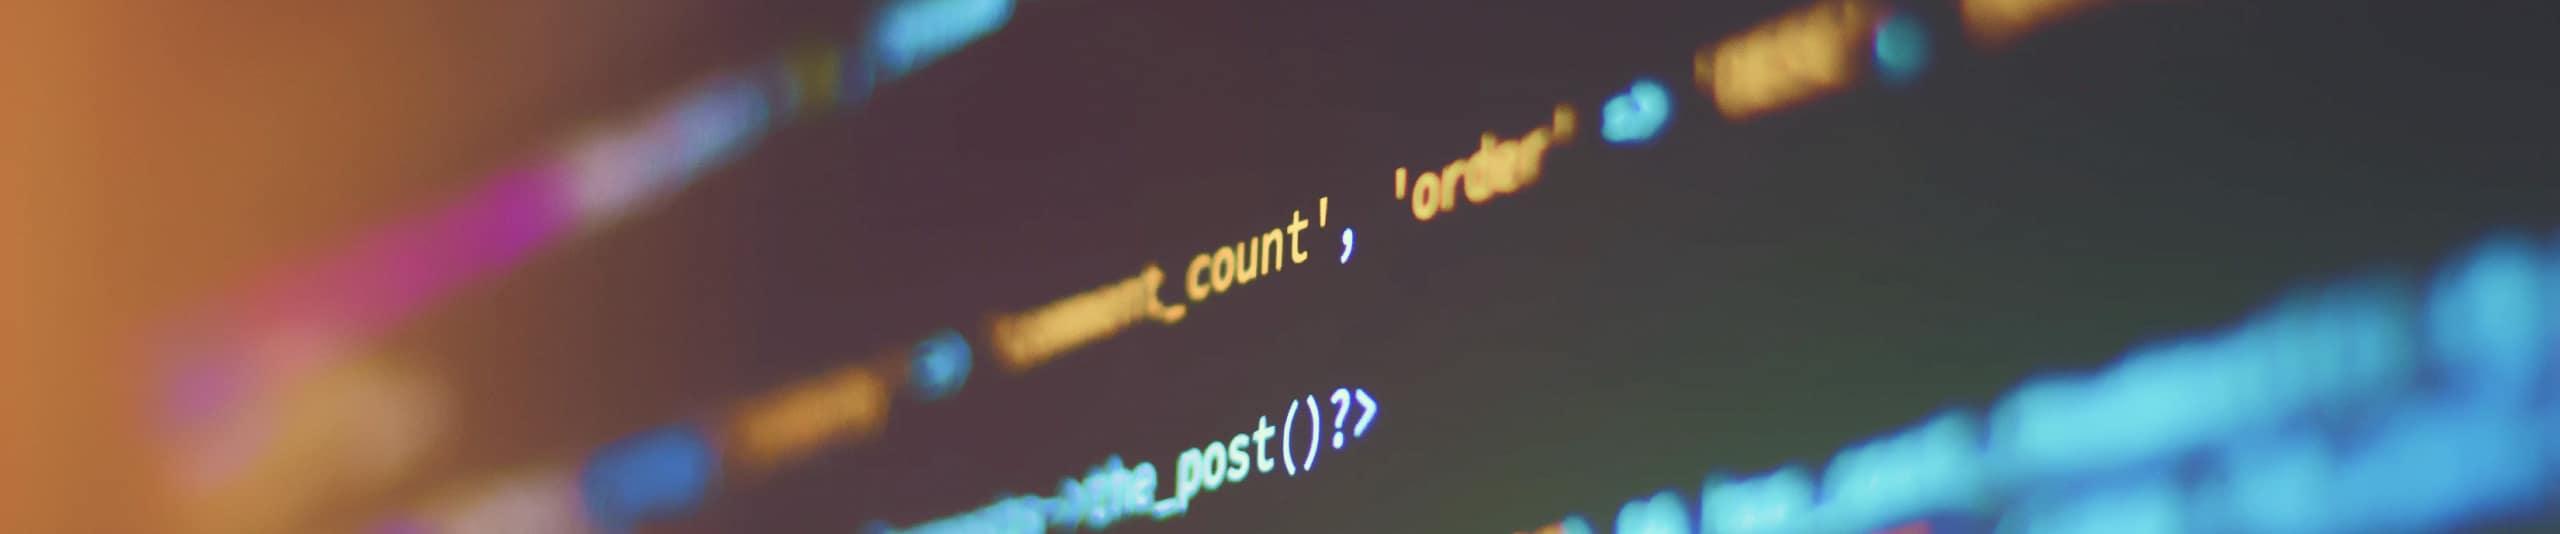 Seguro Cibersegurança: a sua empresa protegida contra o crime cobernético